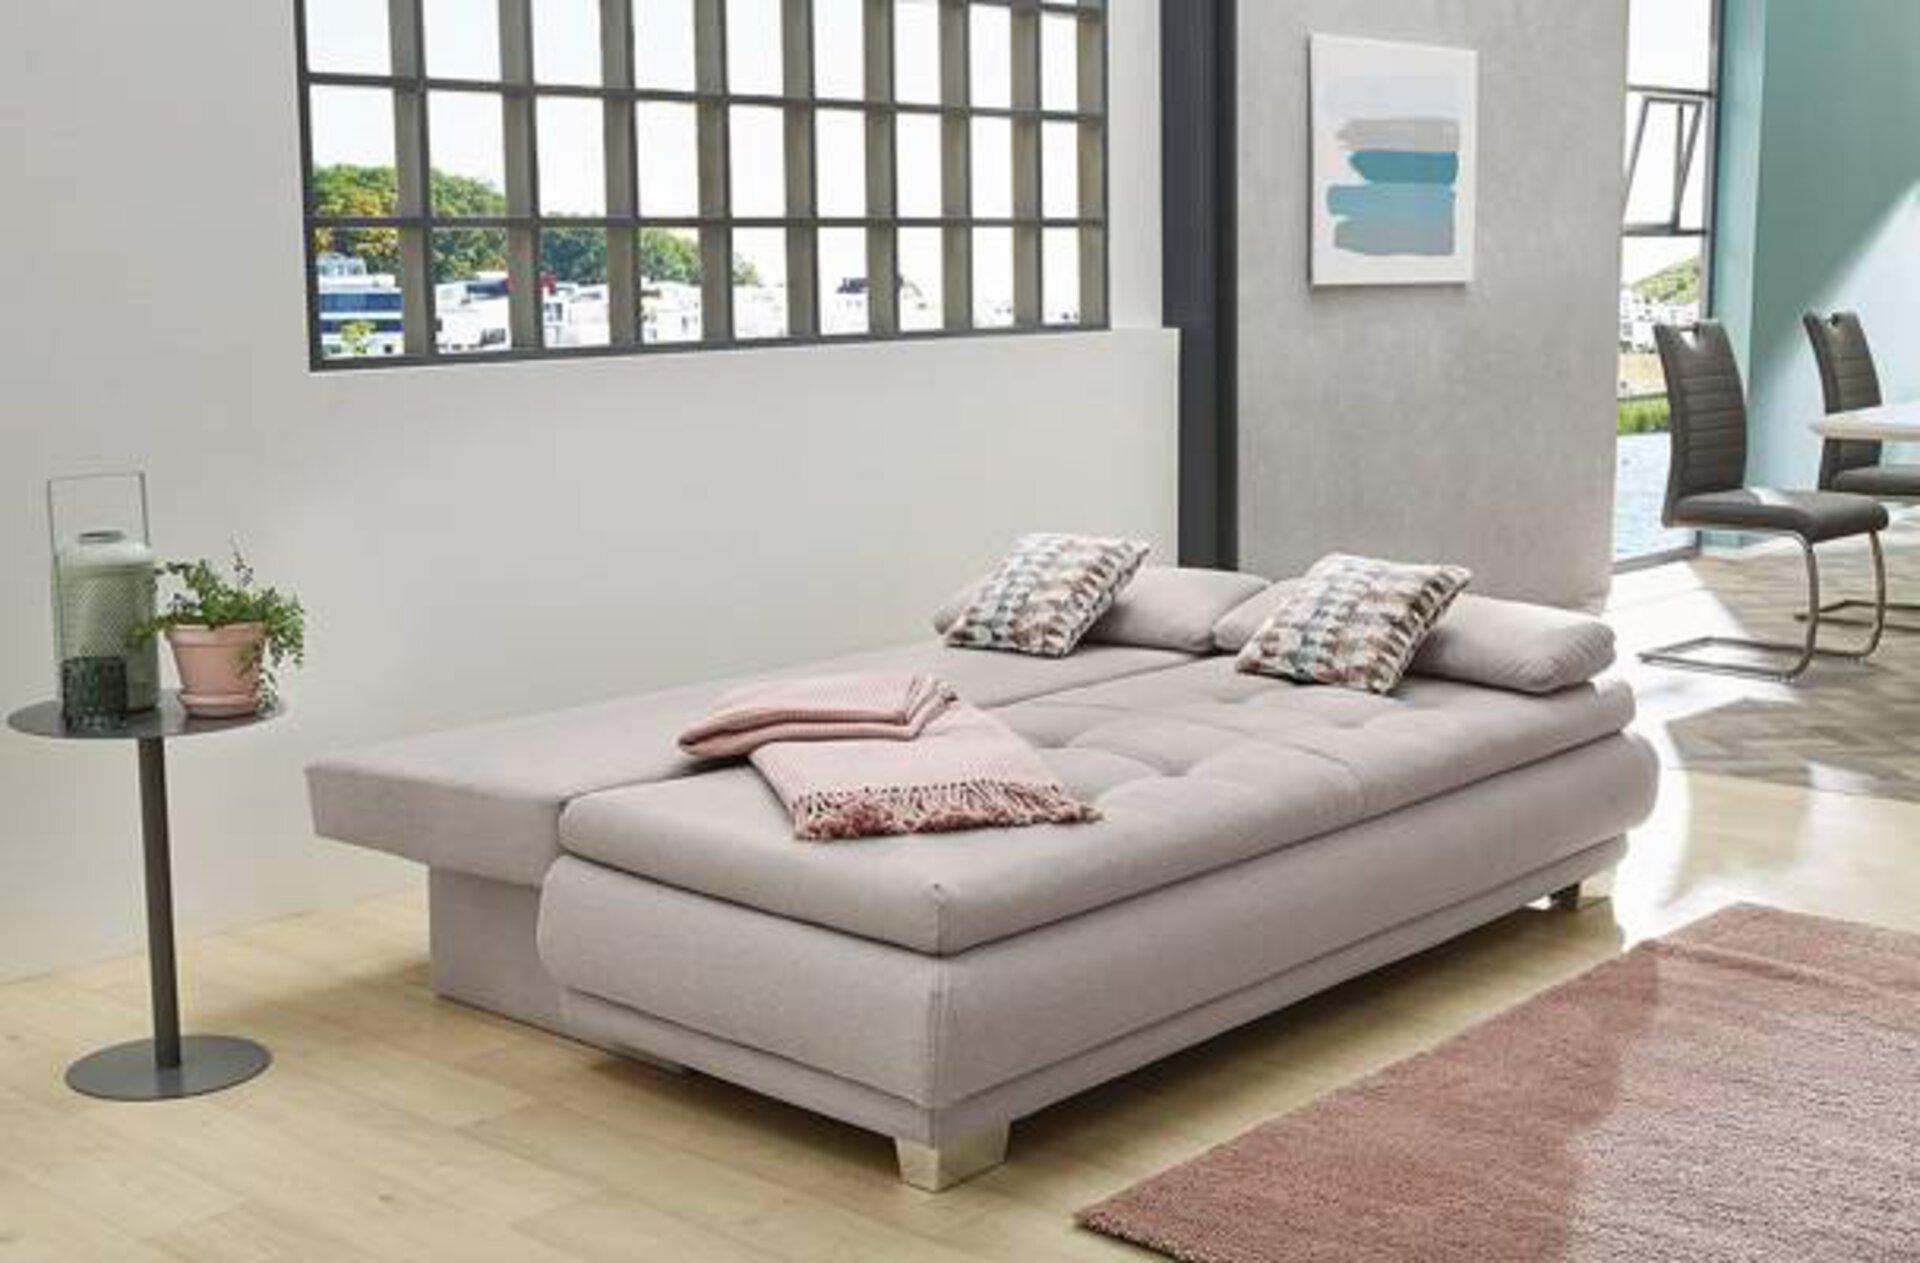 Das cleane und geradlinige Schlafsofa im Micro Living Stil  passt sich perfekt in jedes Einrichtungskonzept ein.